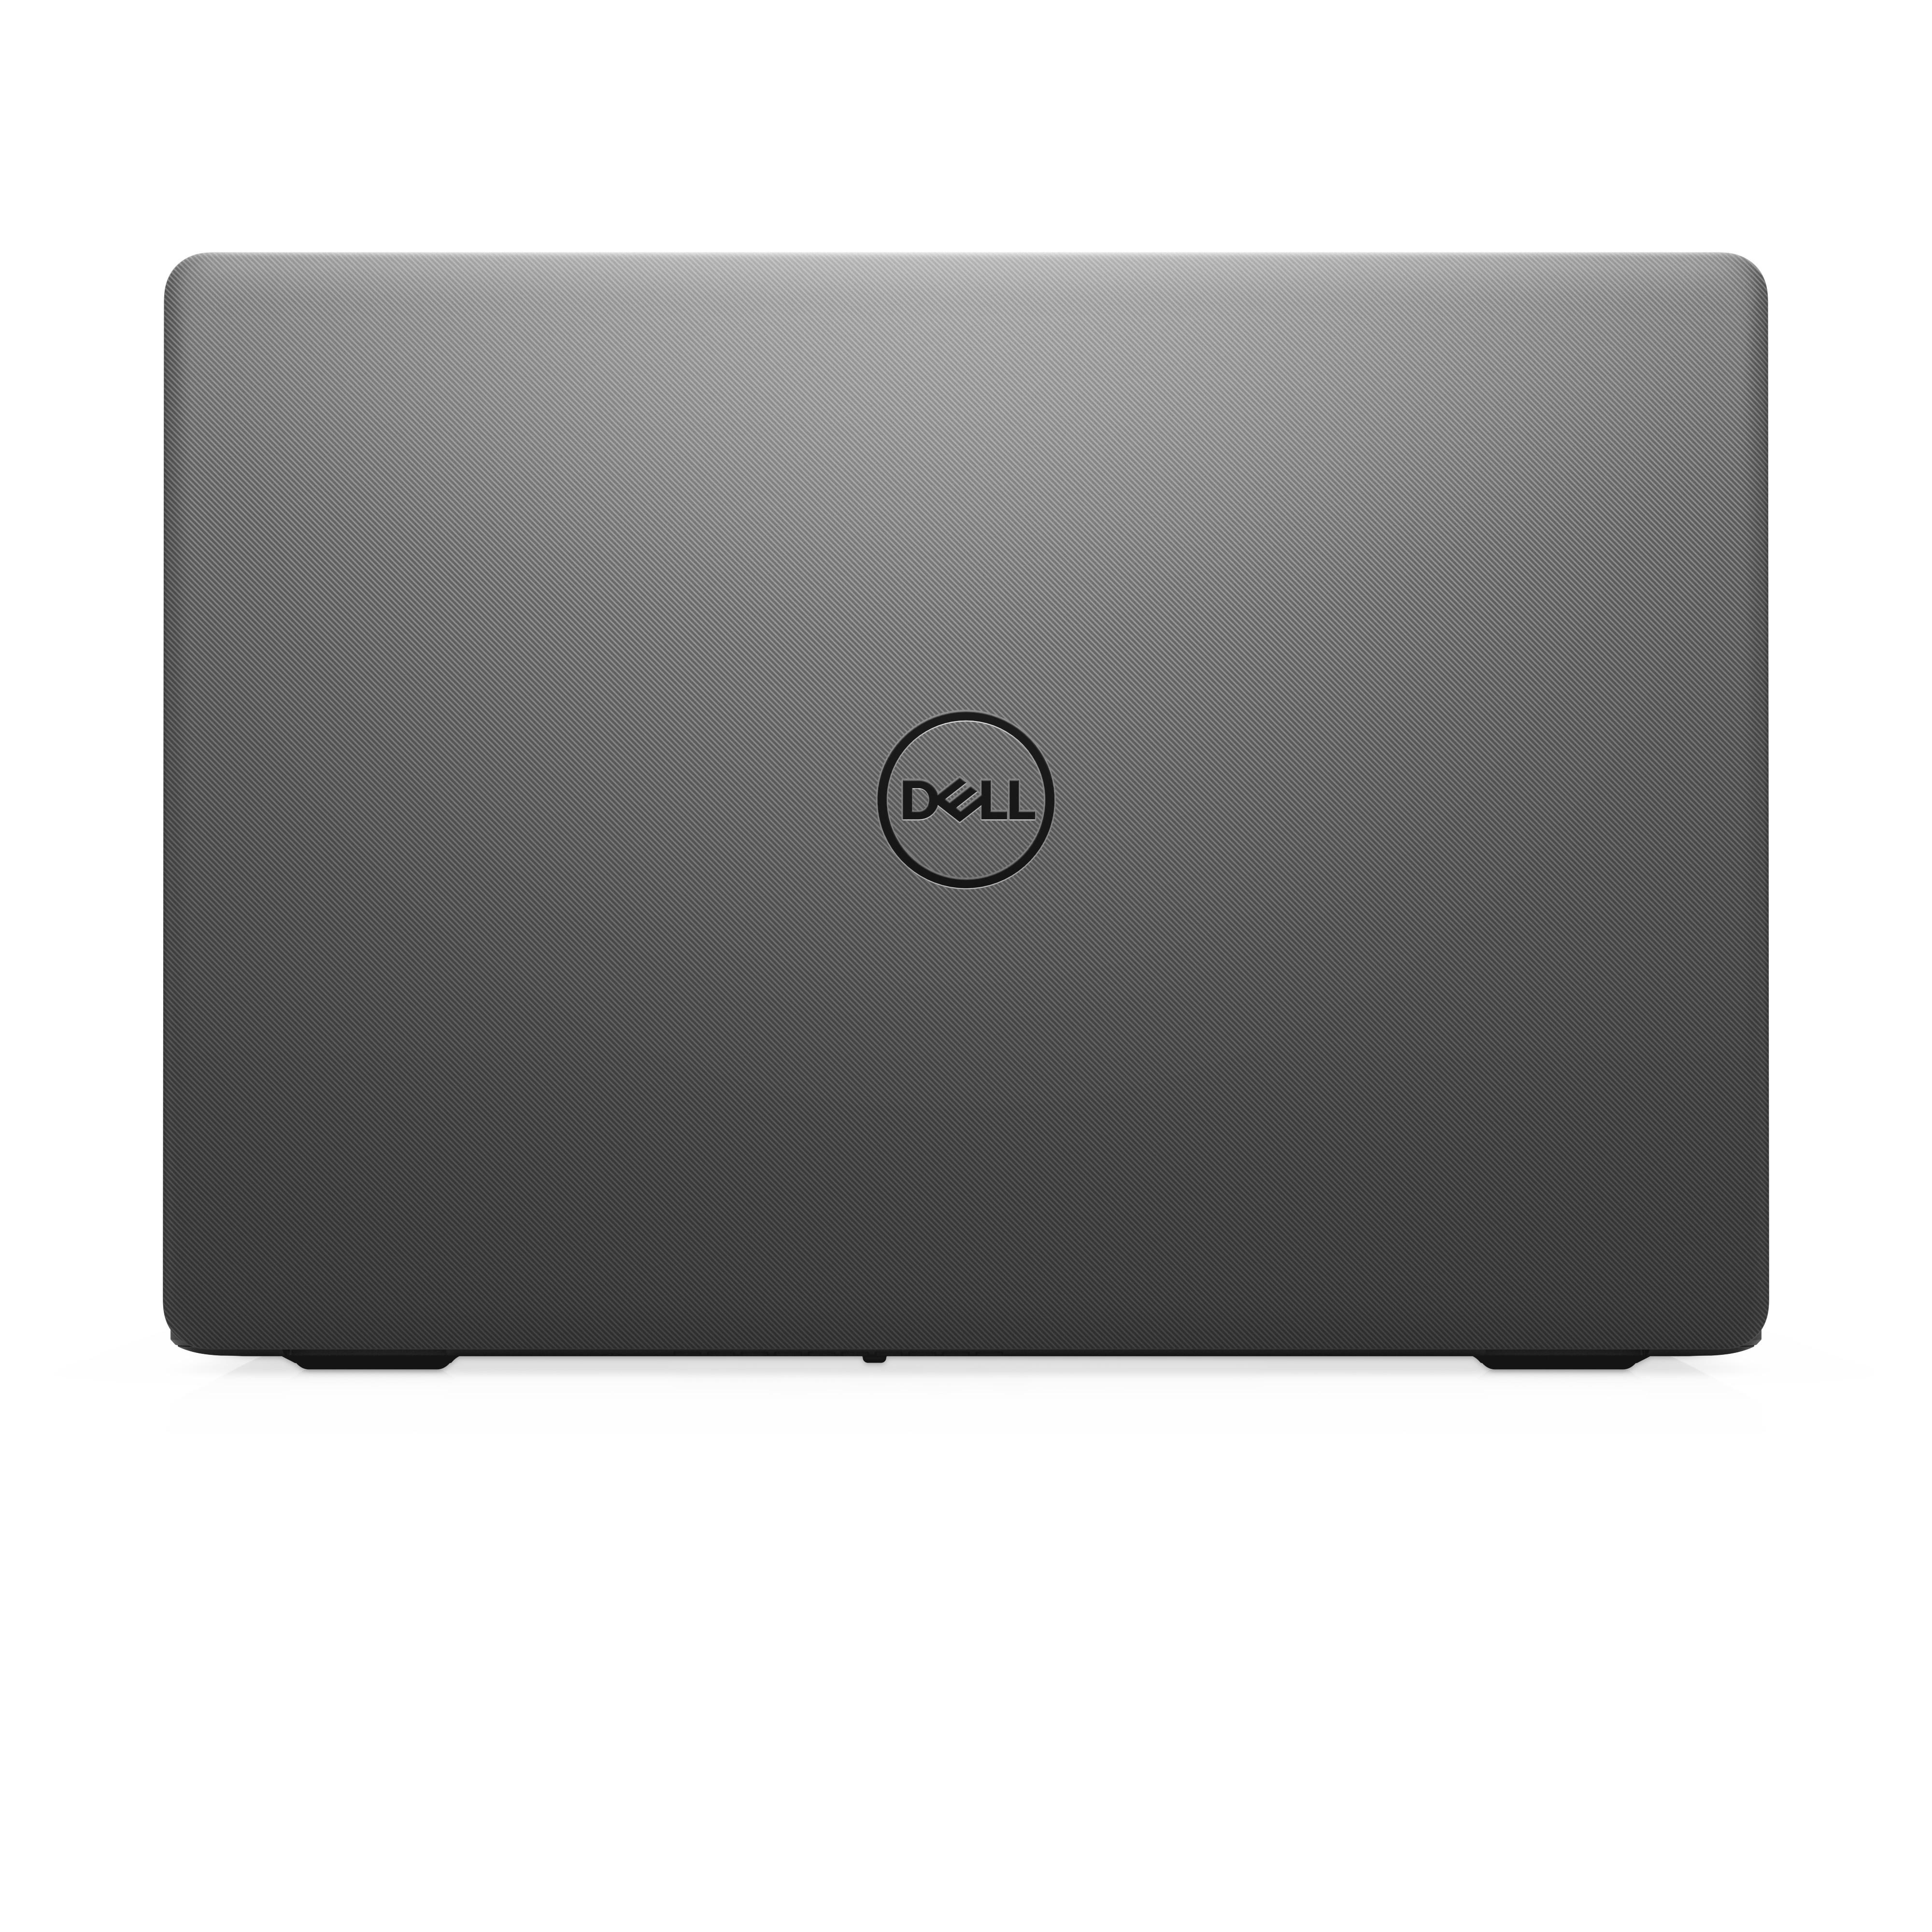 DELL Vostro 3500 Notebook 39.6 cm (15.6') Full HD 11th gen Intel® Core™ i7